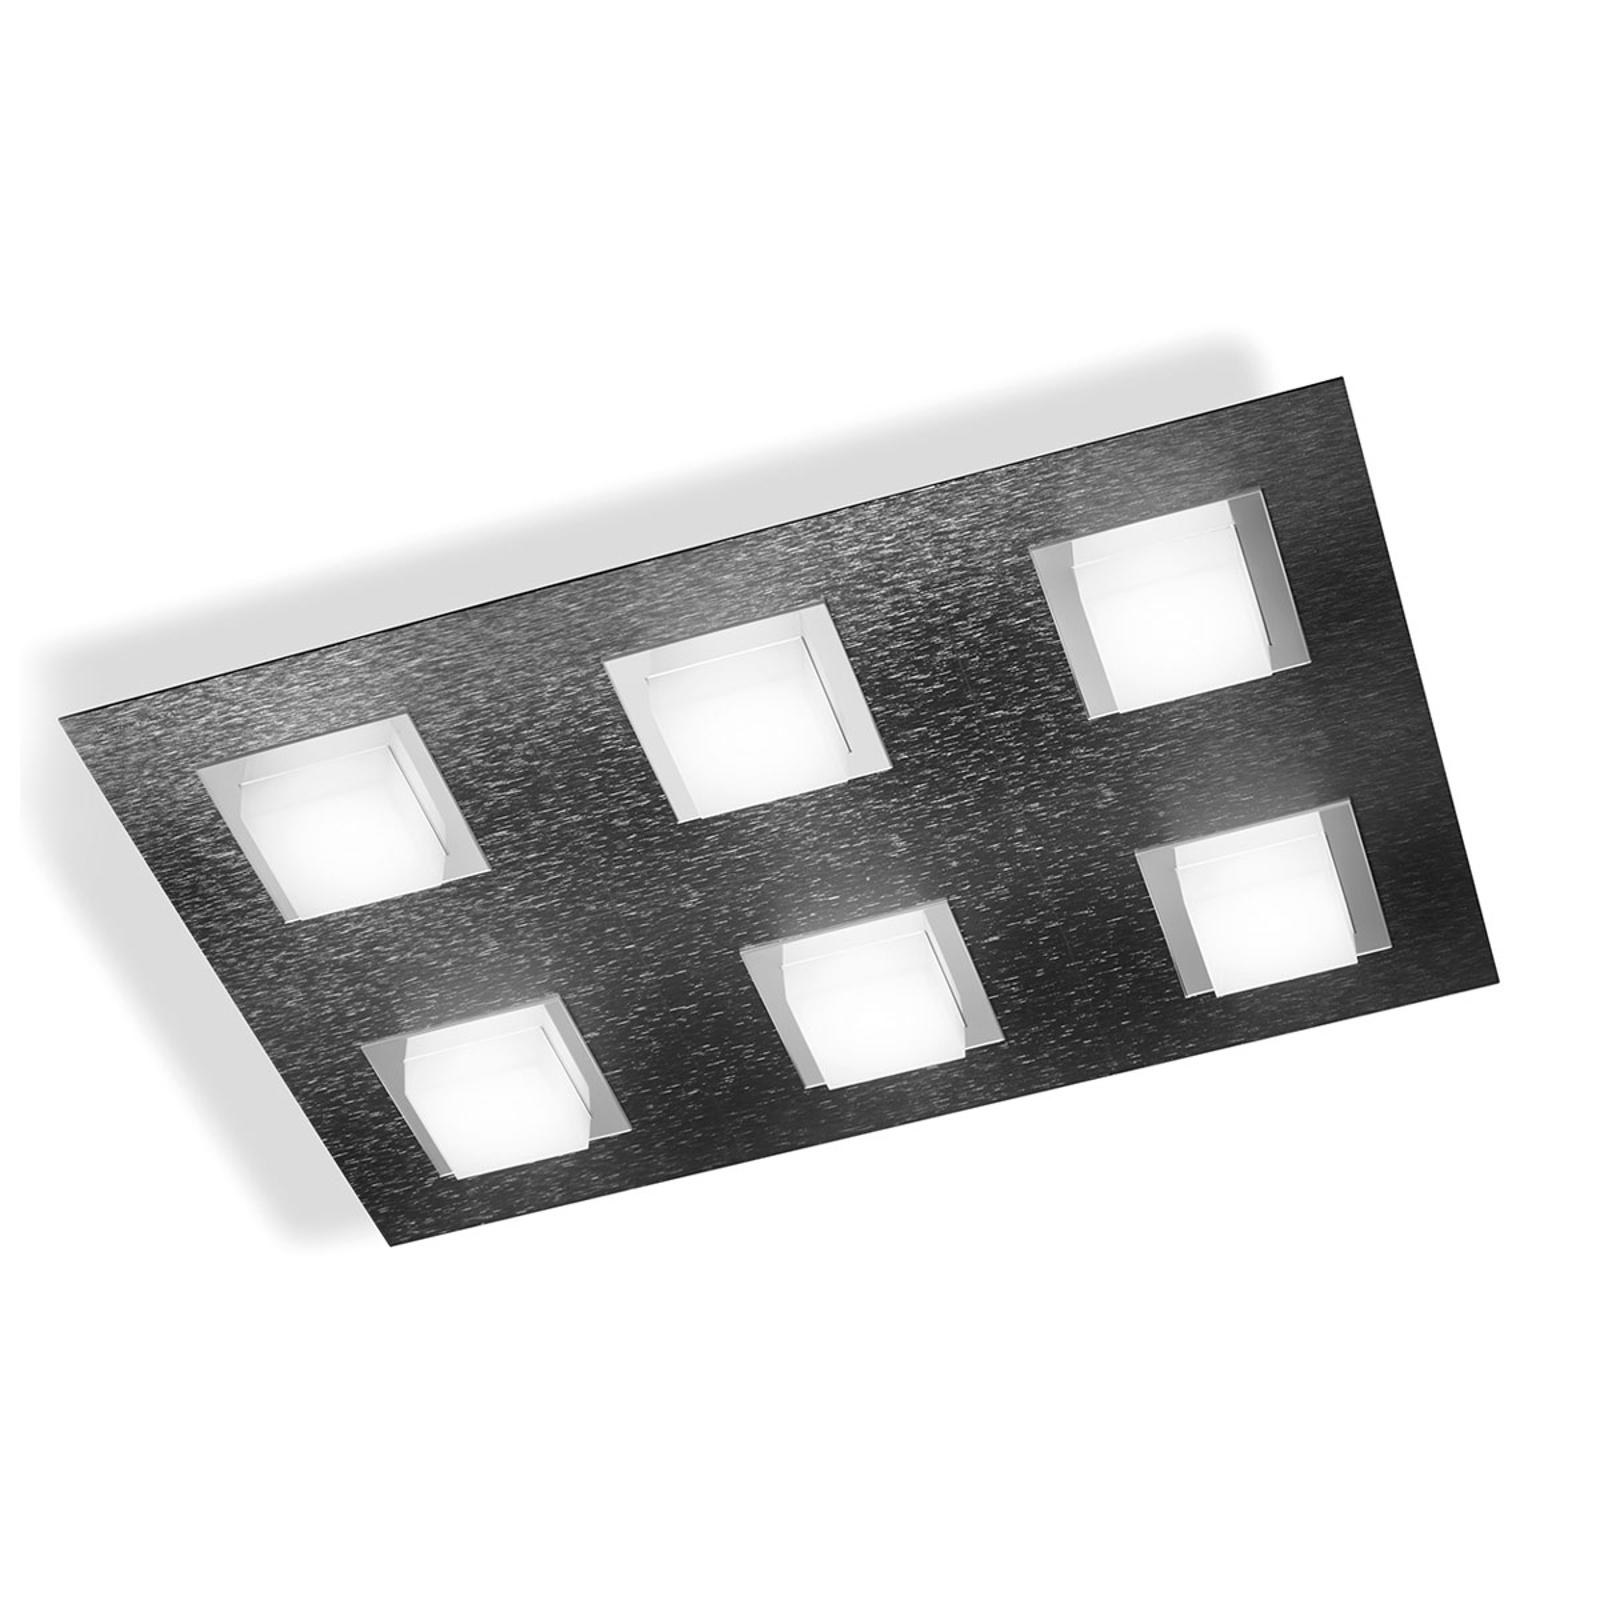 Produktové foto GROSSMANN GROSSMANN Basic LED stropní svítidlo 6zdr antracit